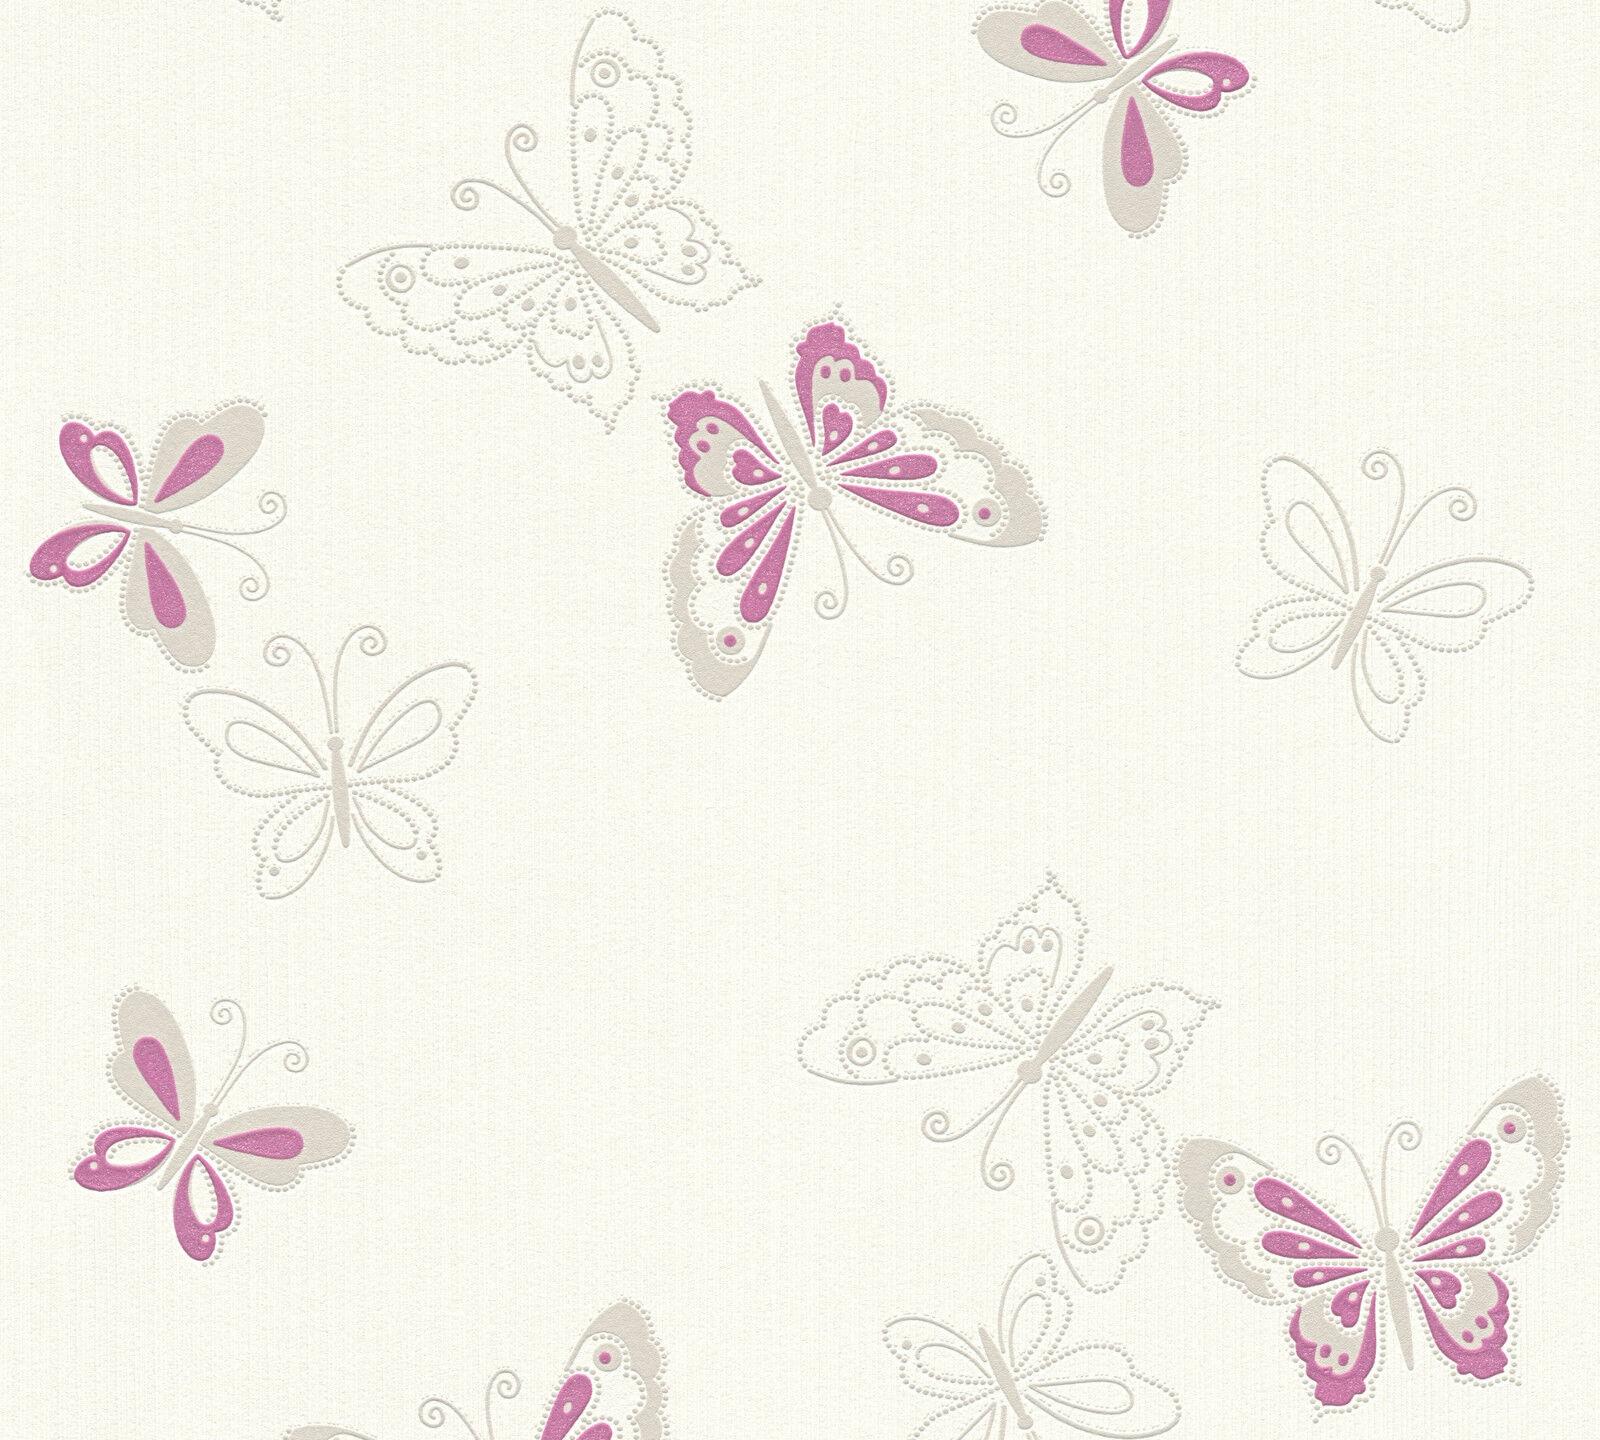 Vlies tapete schmetterlinge creme wei lila pink flieder - Tapete lila grau ...